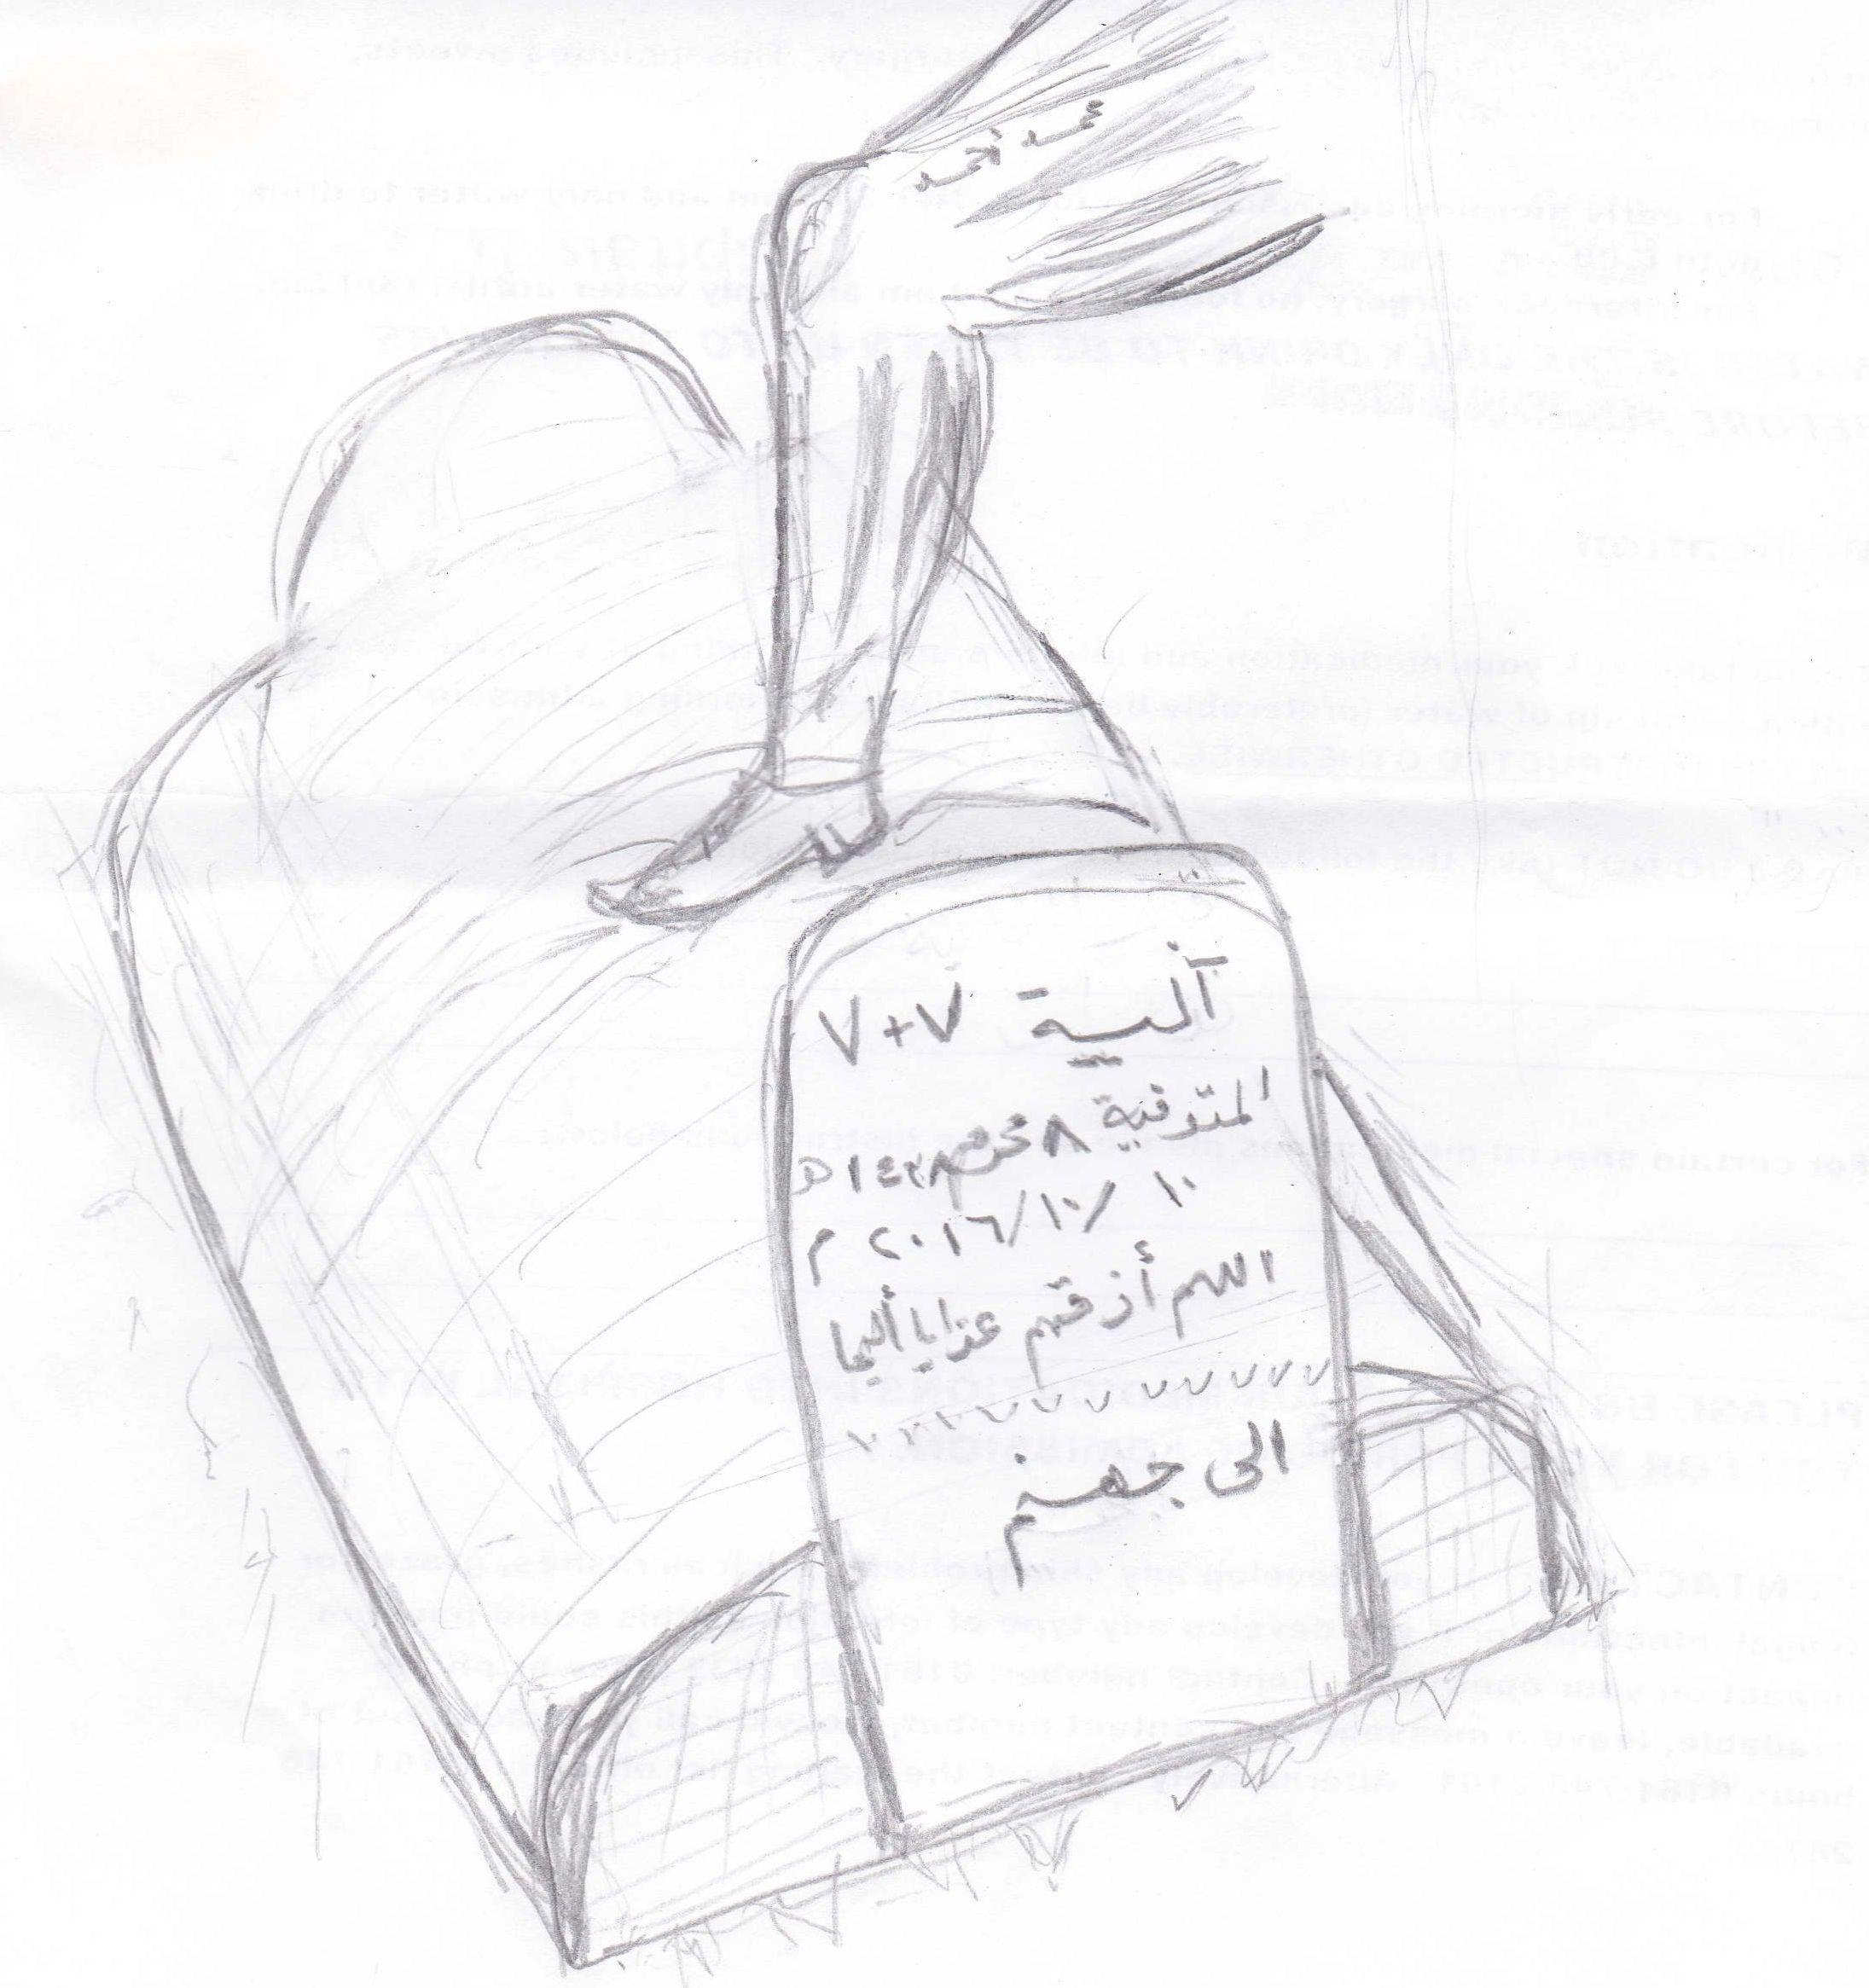 كاركاتير اليوم الموافق 17 أكتوبر 2016 بريشة الدكتور ابومحمد ابوآمنة بعنوان هموم محمد احمد السودانى